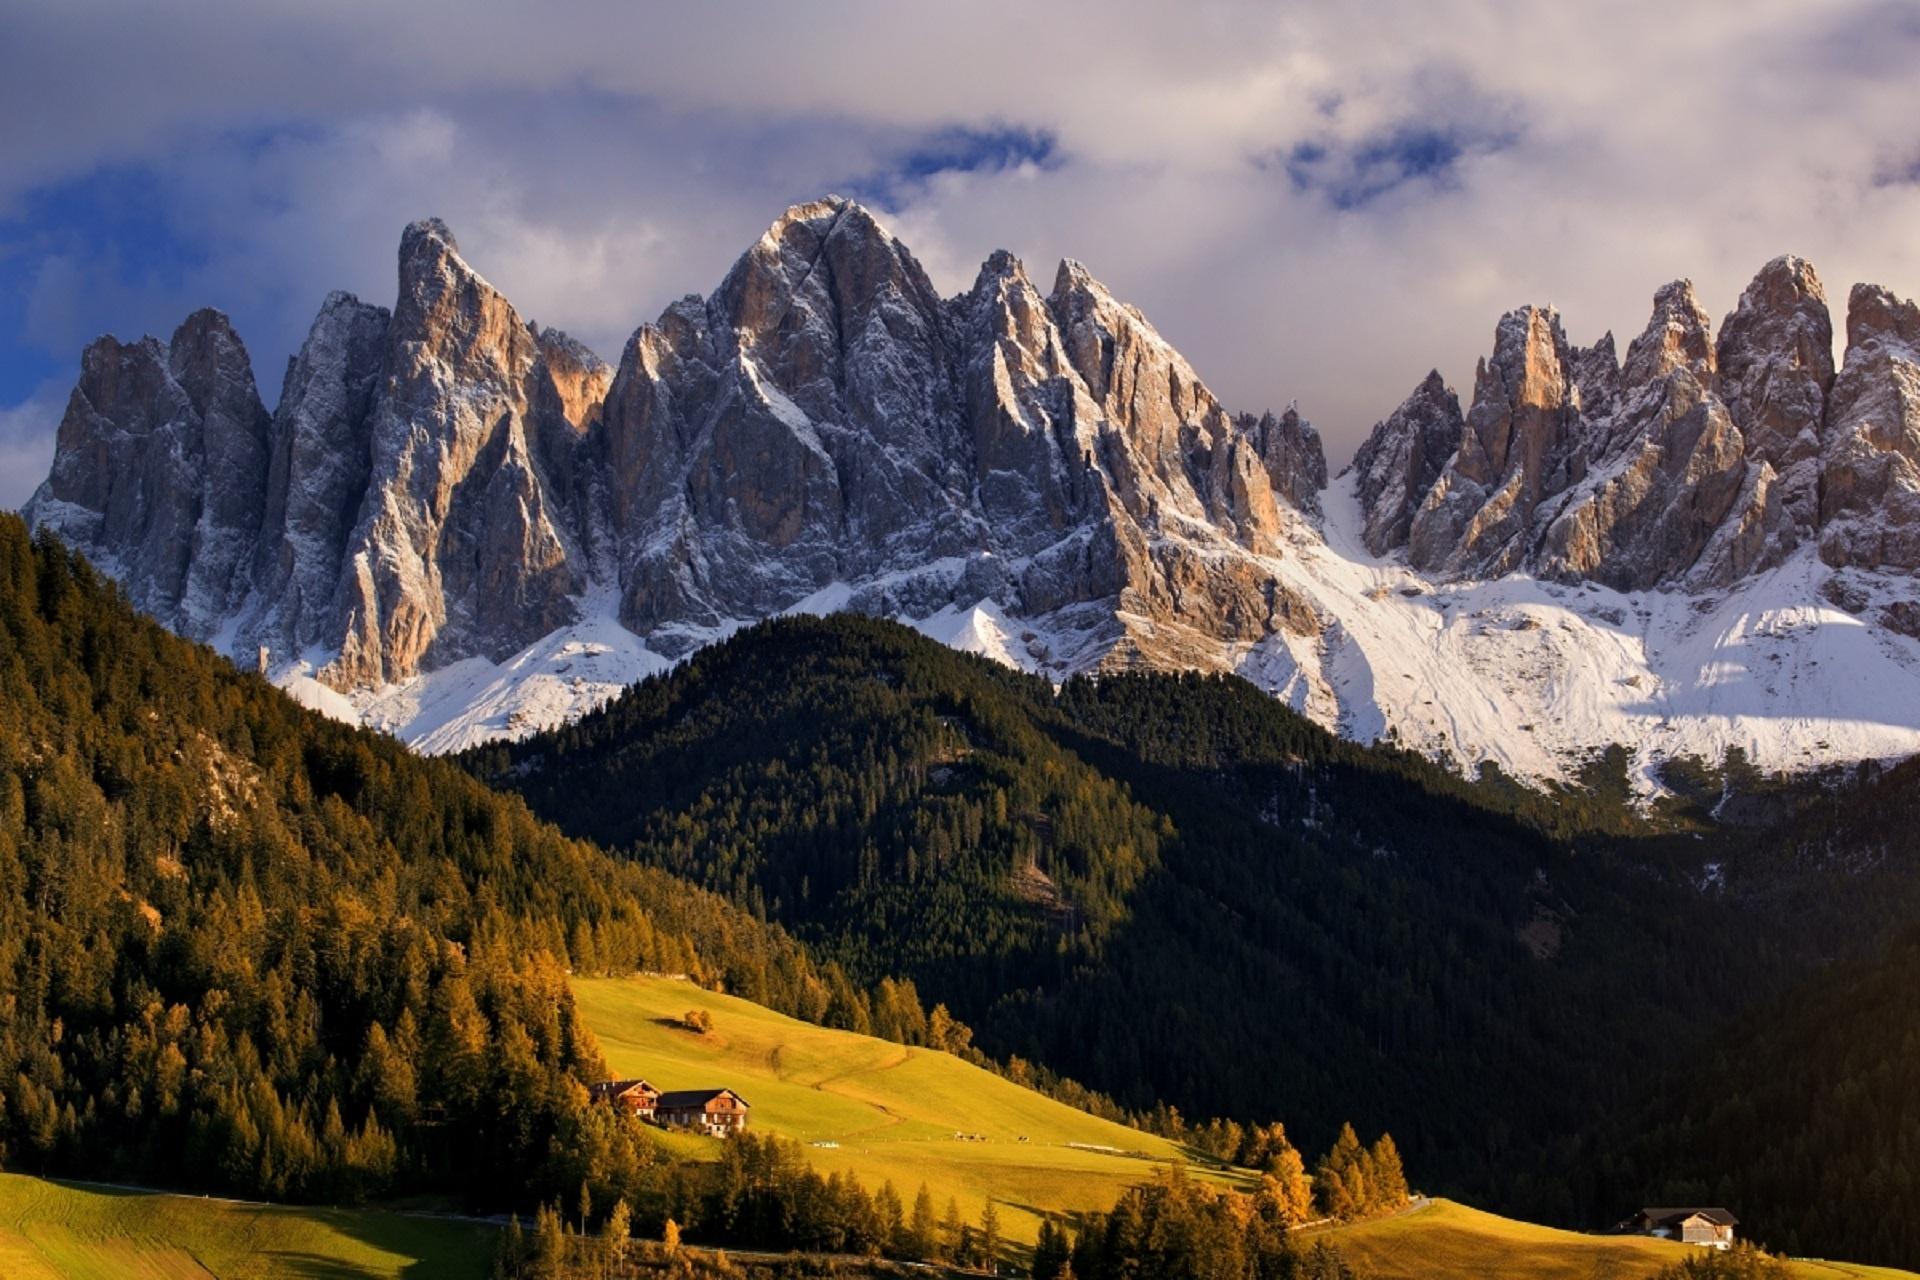 картинки гор альпы новые лоты запросу